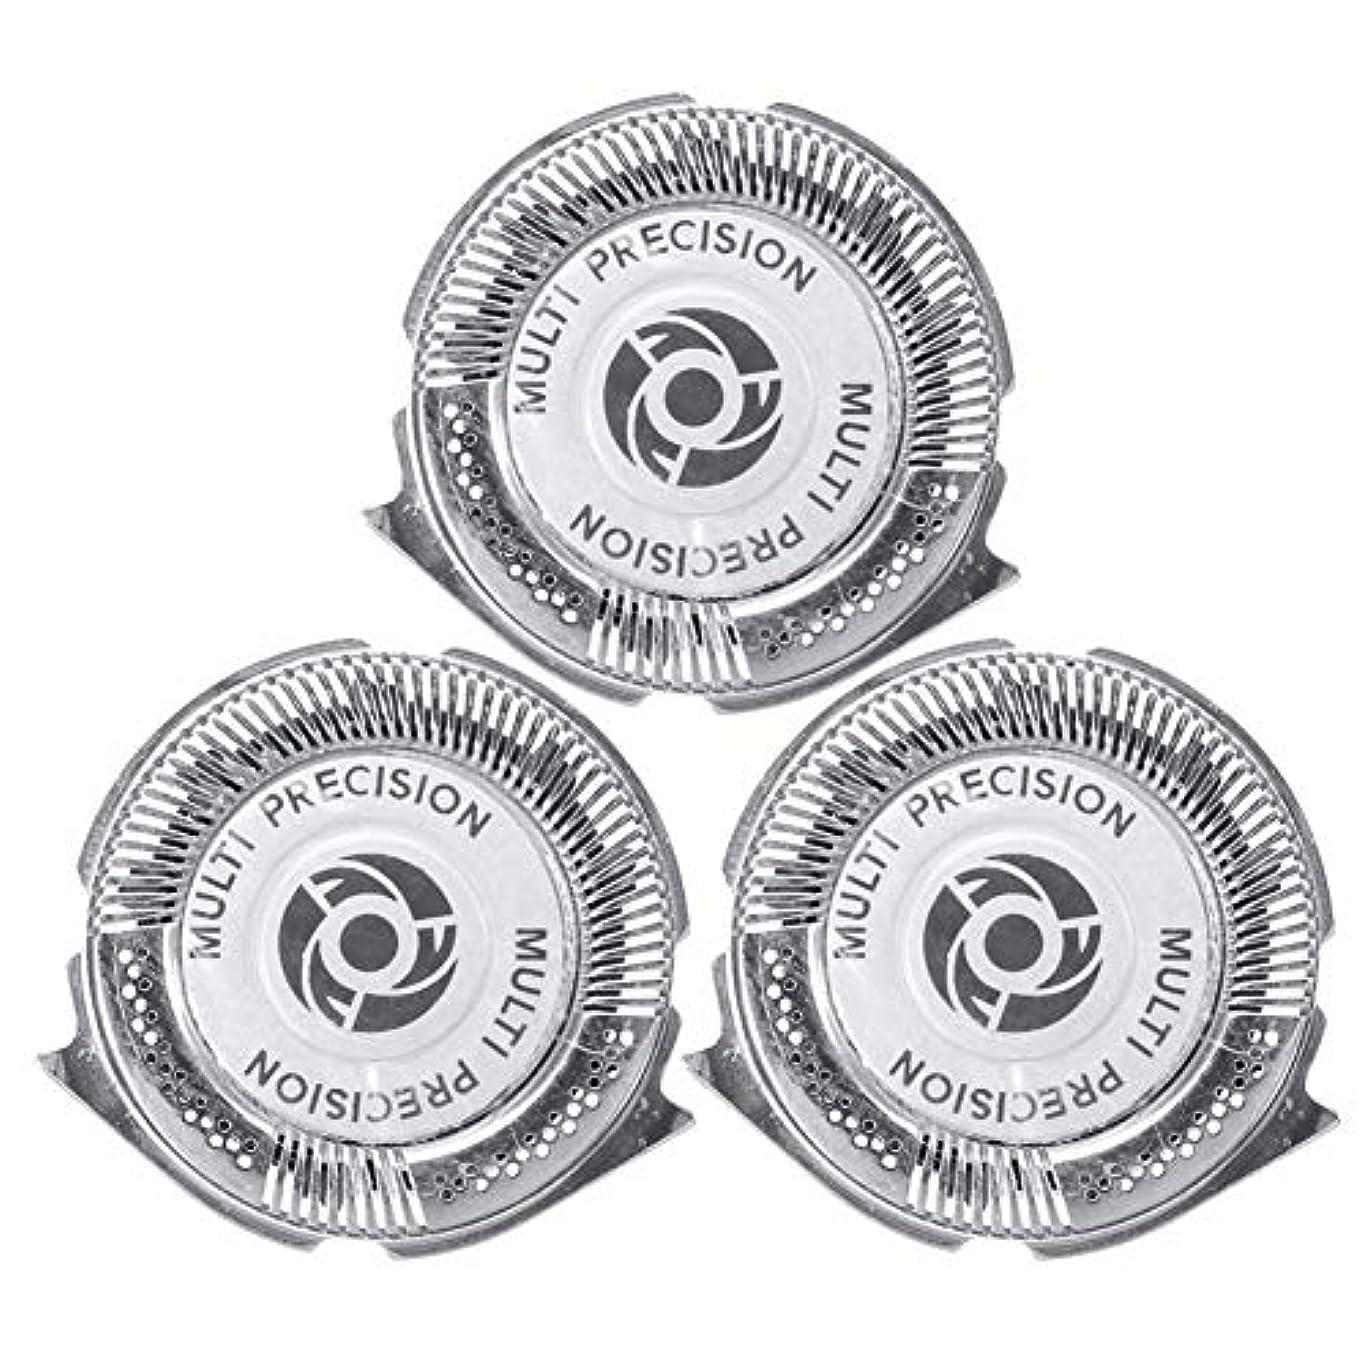 超える八小学生シェーバー 替刃 替え刃 カミソリ ヘッド 3頭のヘッド 交換用替刃 替刃3個入り フィリップス5000シリーズ SH50/51/52 HQ8に適用